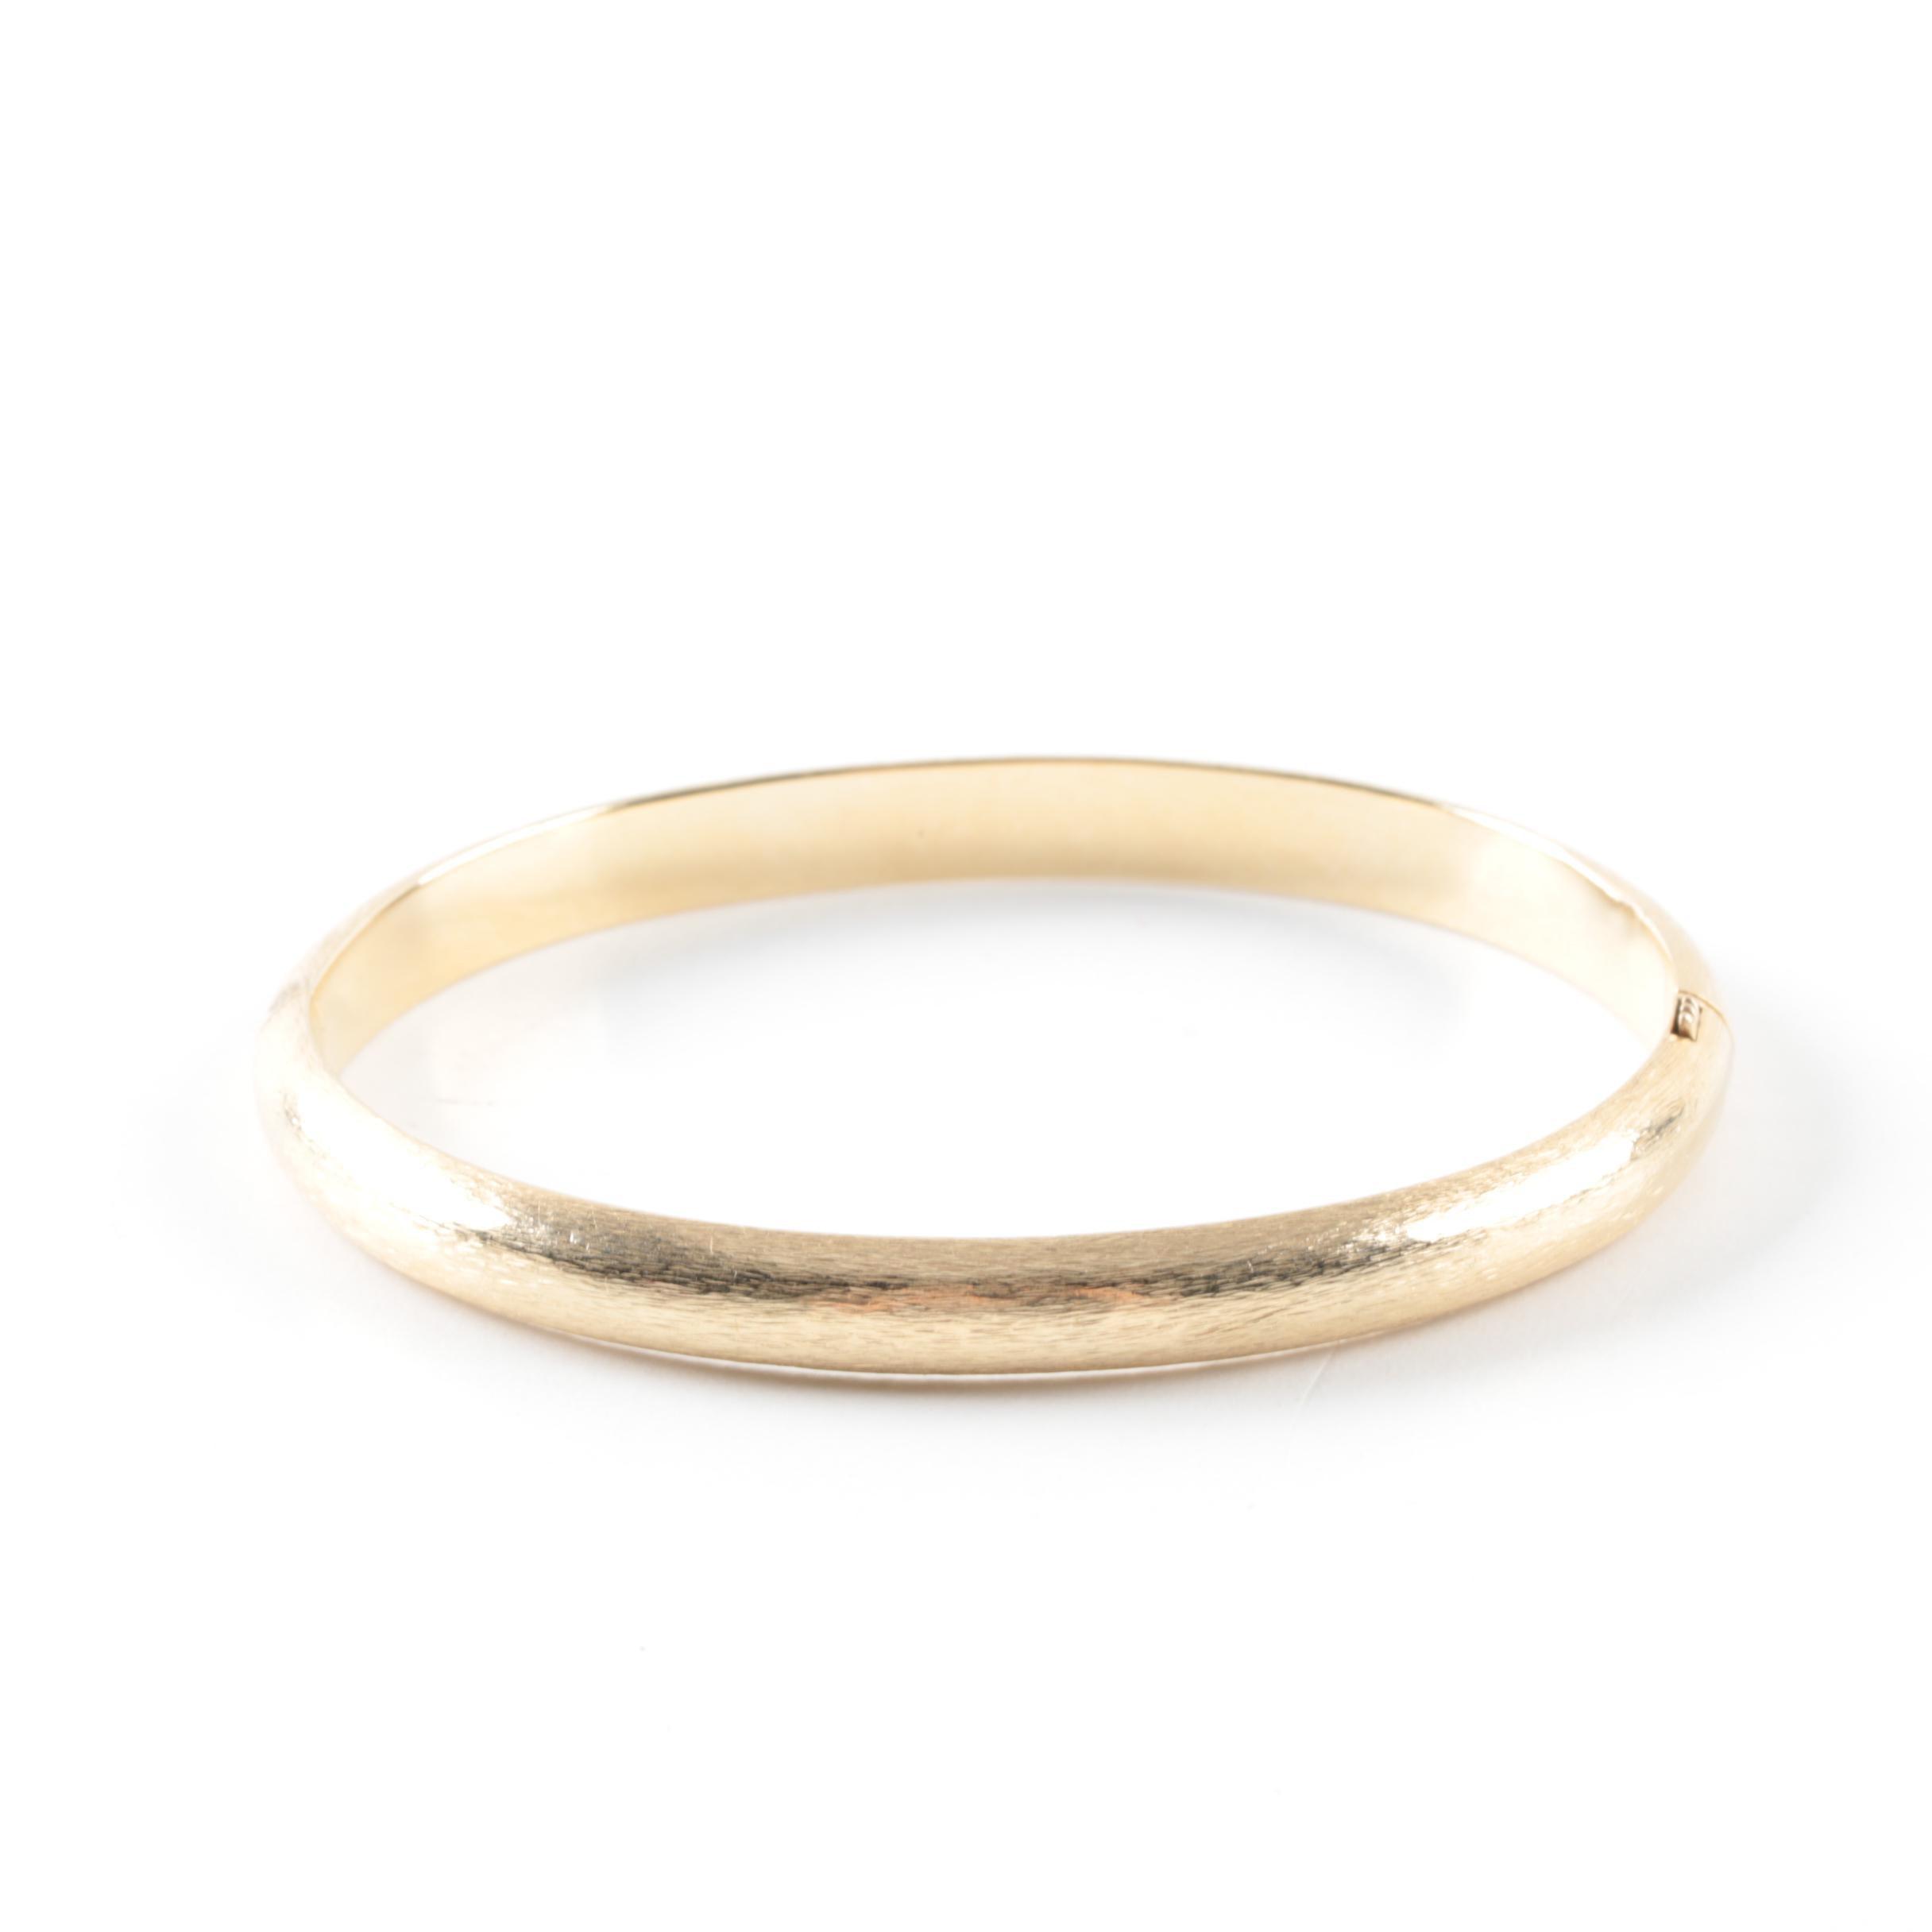 14K Yellow Gold Brushed Bangle Bracelet